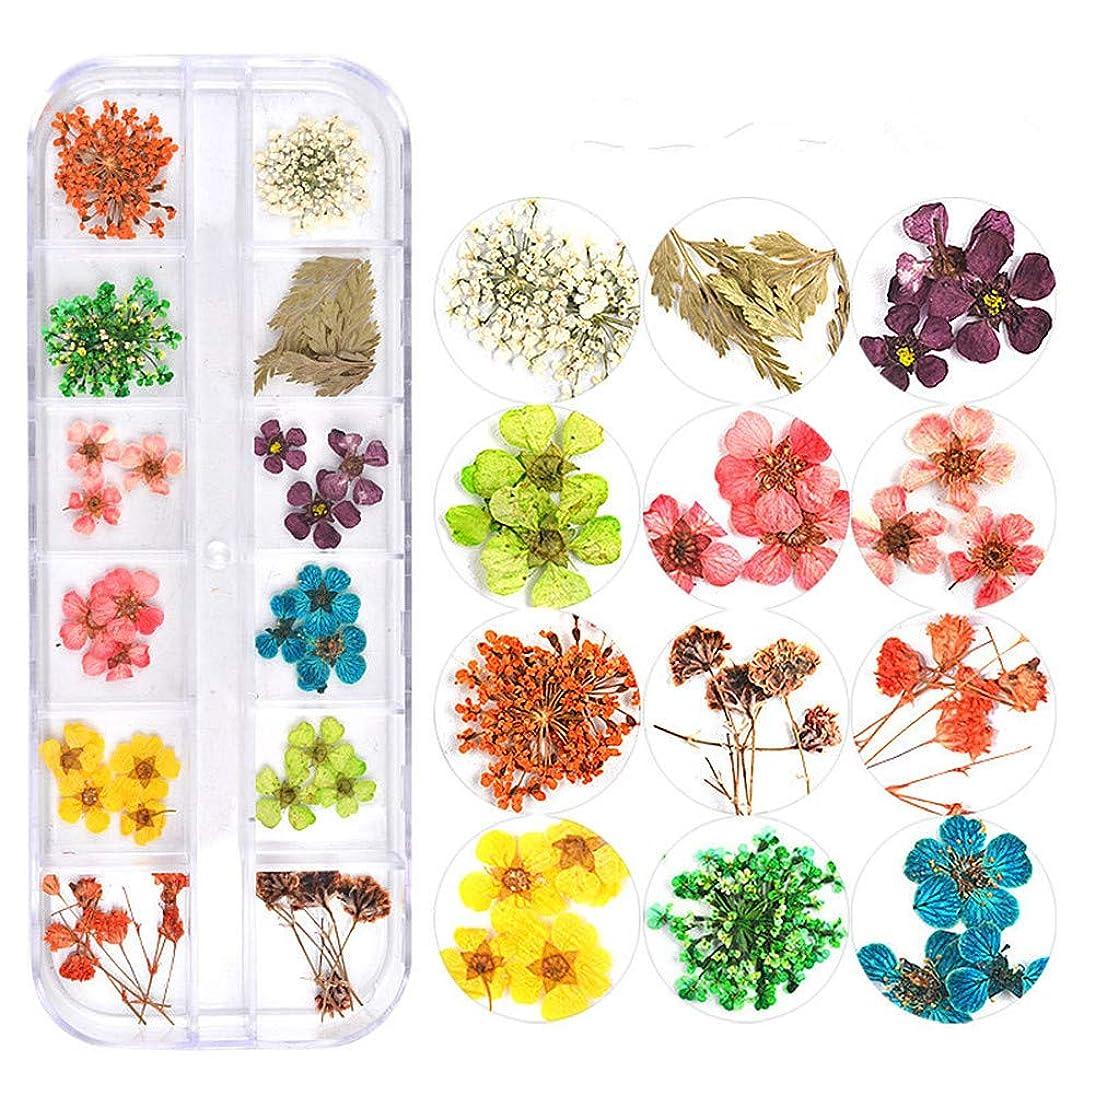 決して充電維持押し花 ドライフラワー 3Dネイル レジンデコレーション DIYデコレーション飾り用品 (3)